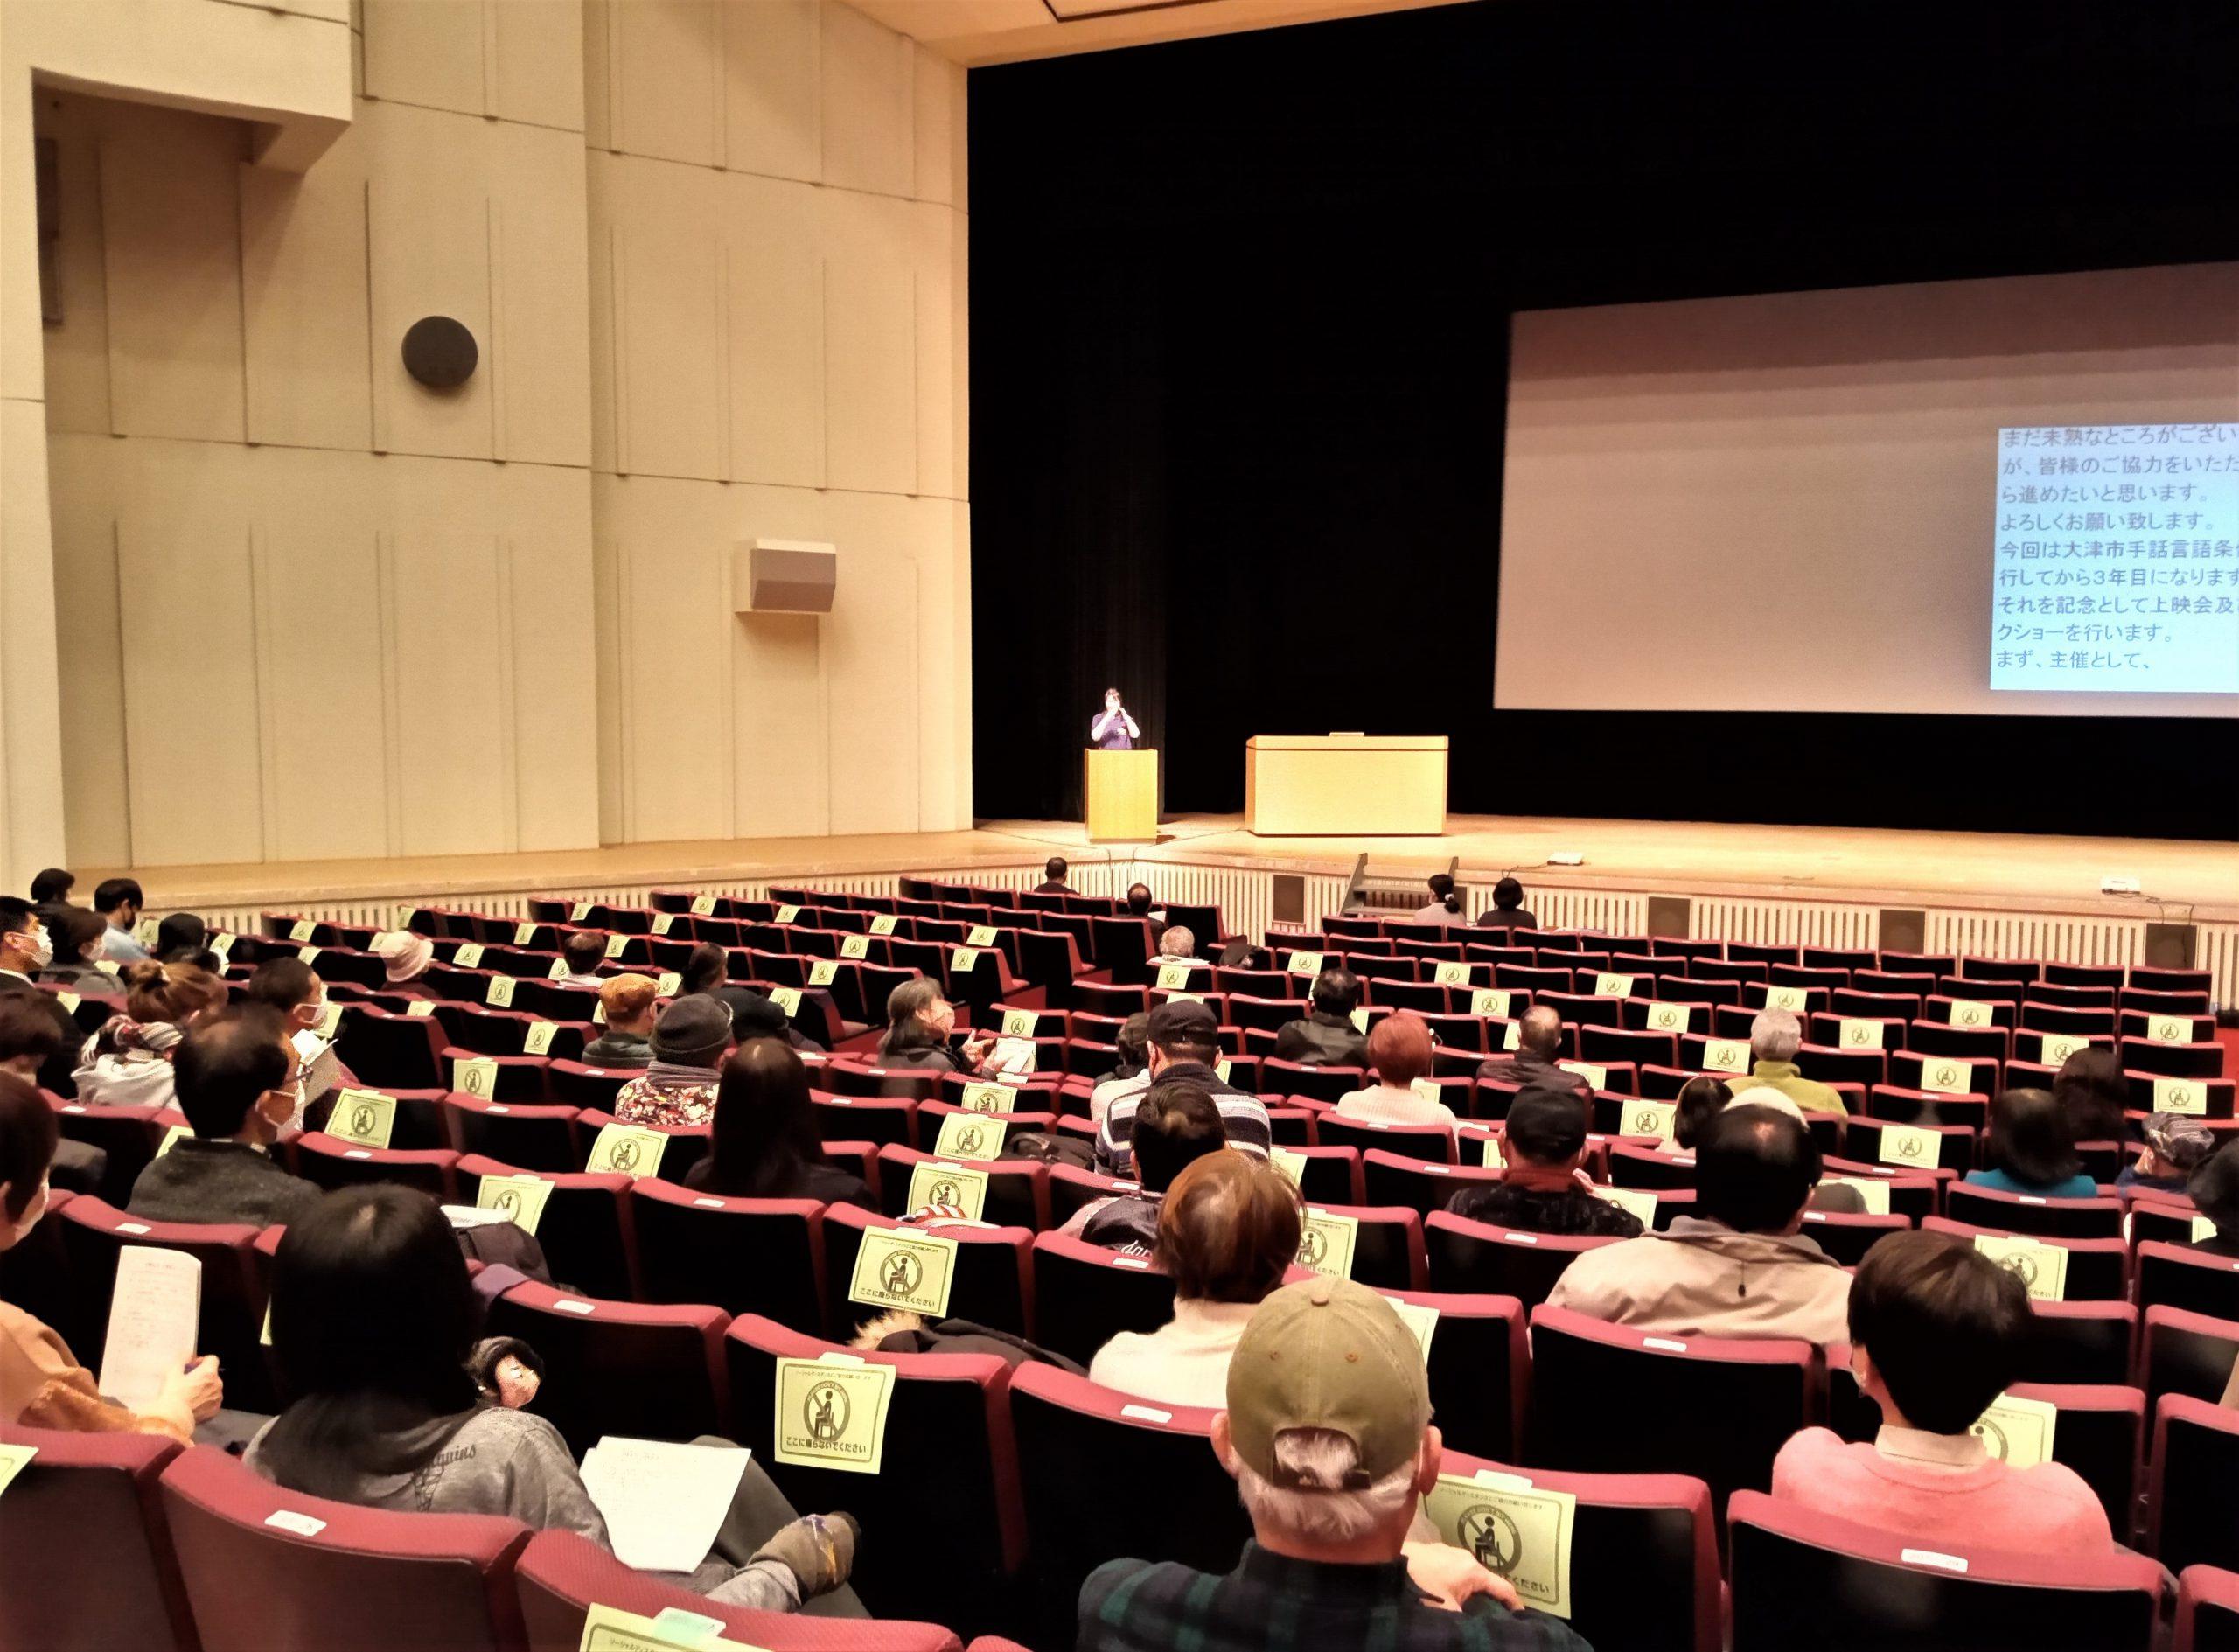 1月17日大津市民会館上映会